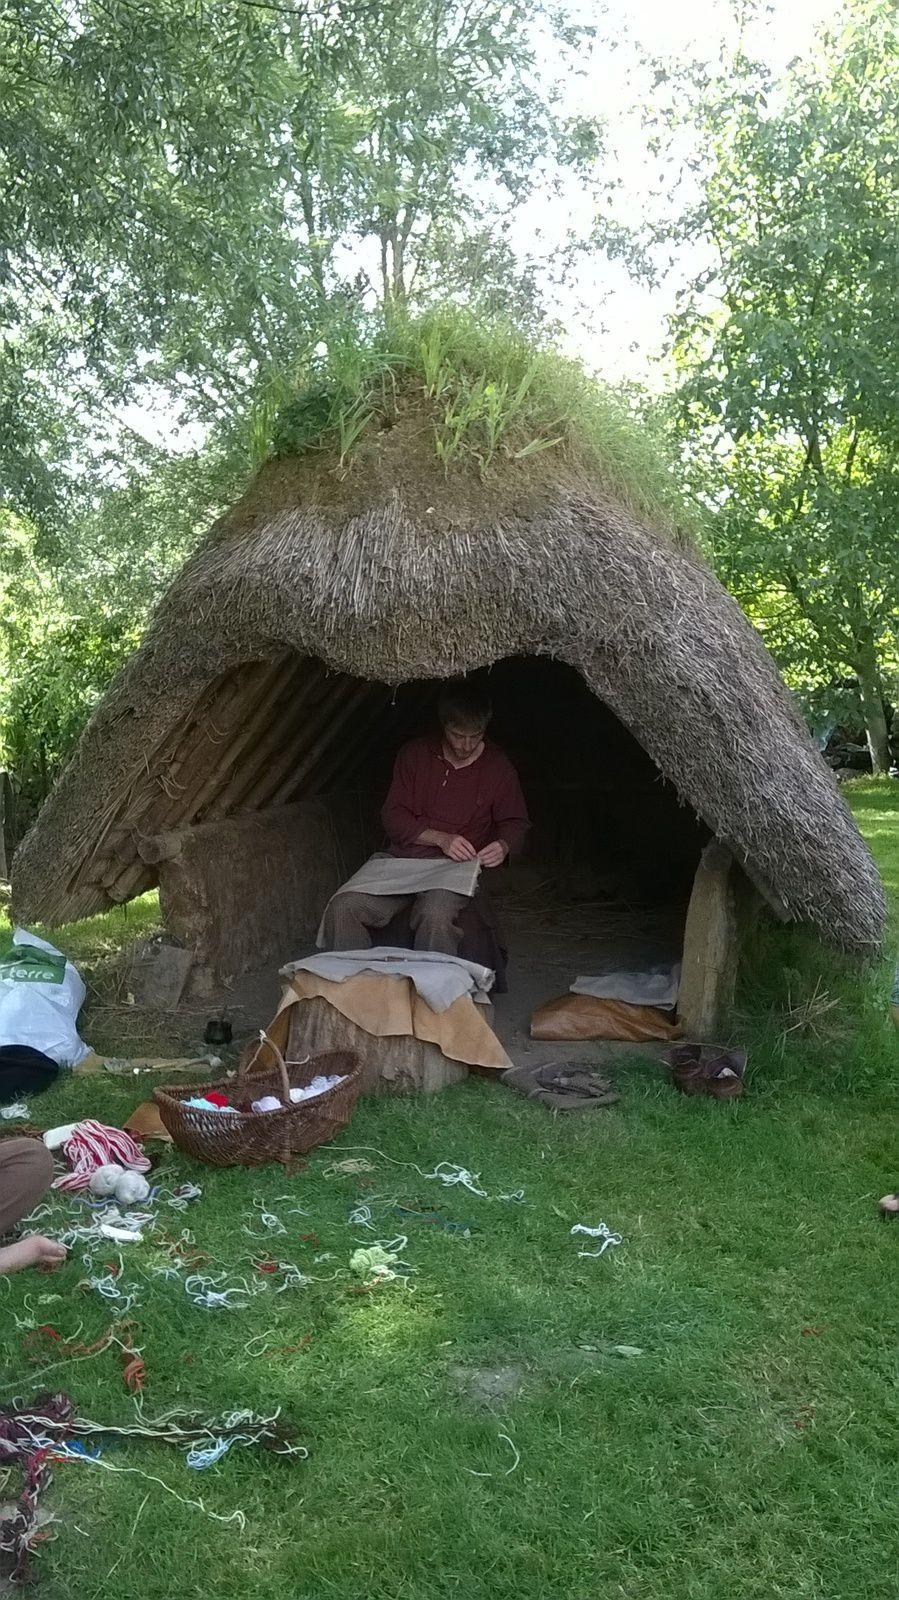 Retour sur le mois d'Aout : visite d'un site mérovingien au manoir de Blangy sur Bresle